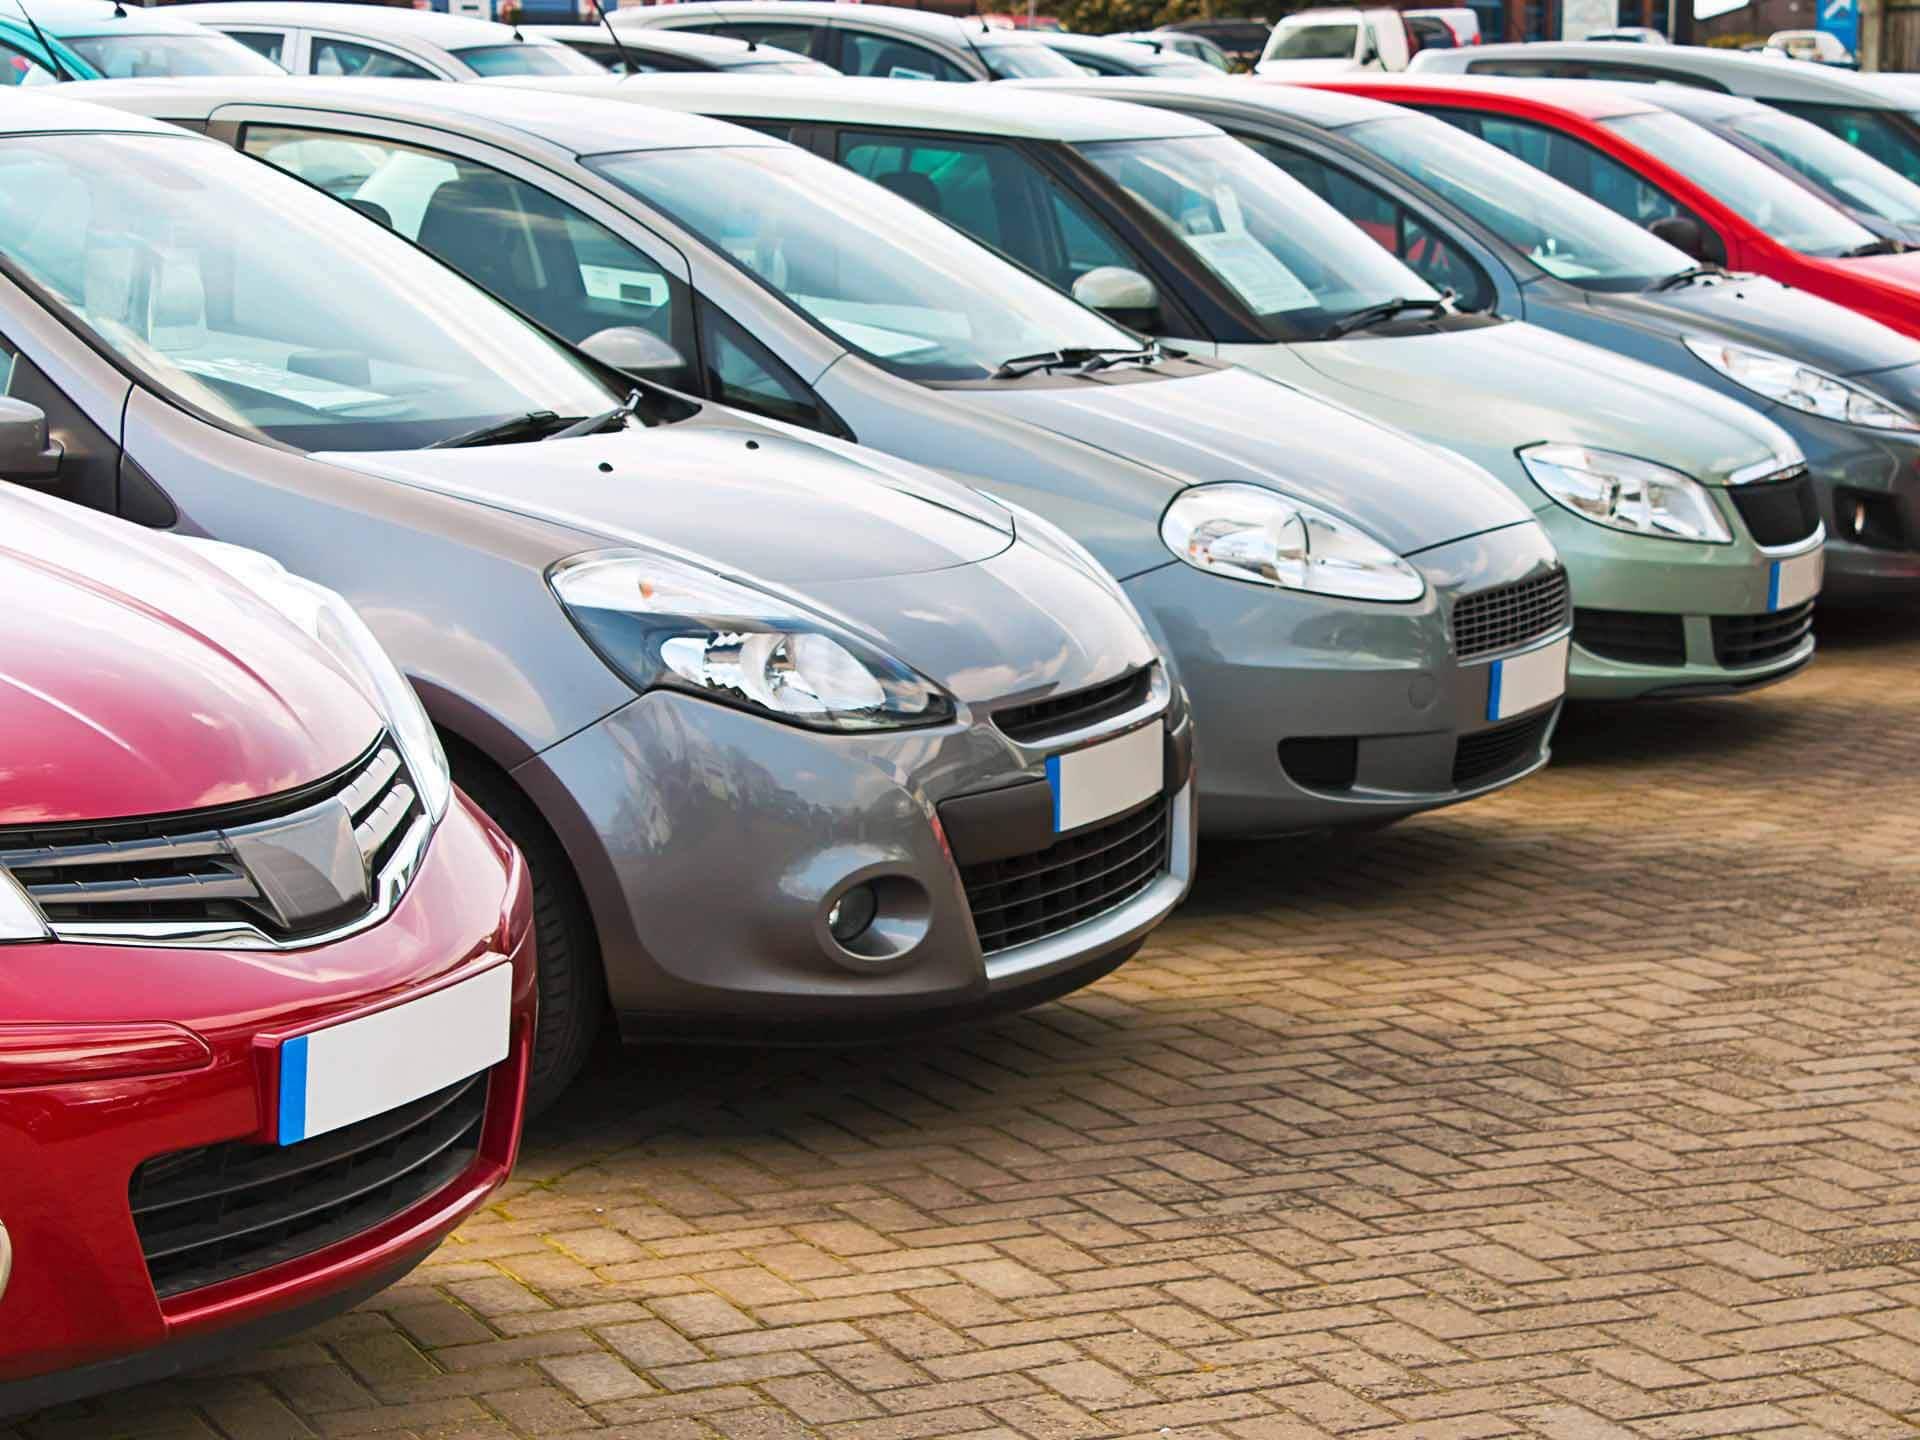 Самые мощные автомобили в Ингушетии, седаны в Калмыкии, с полным приводом в Москве